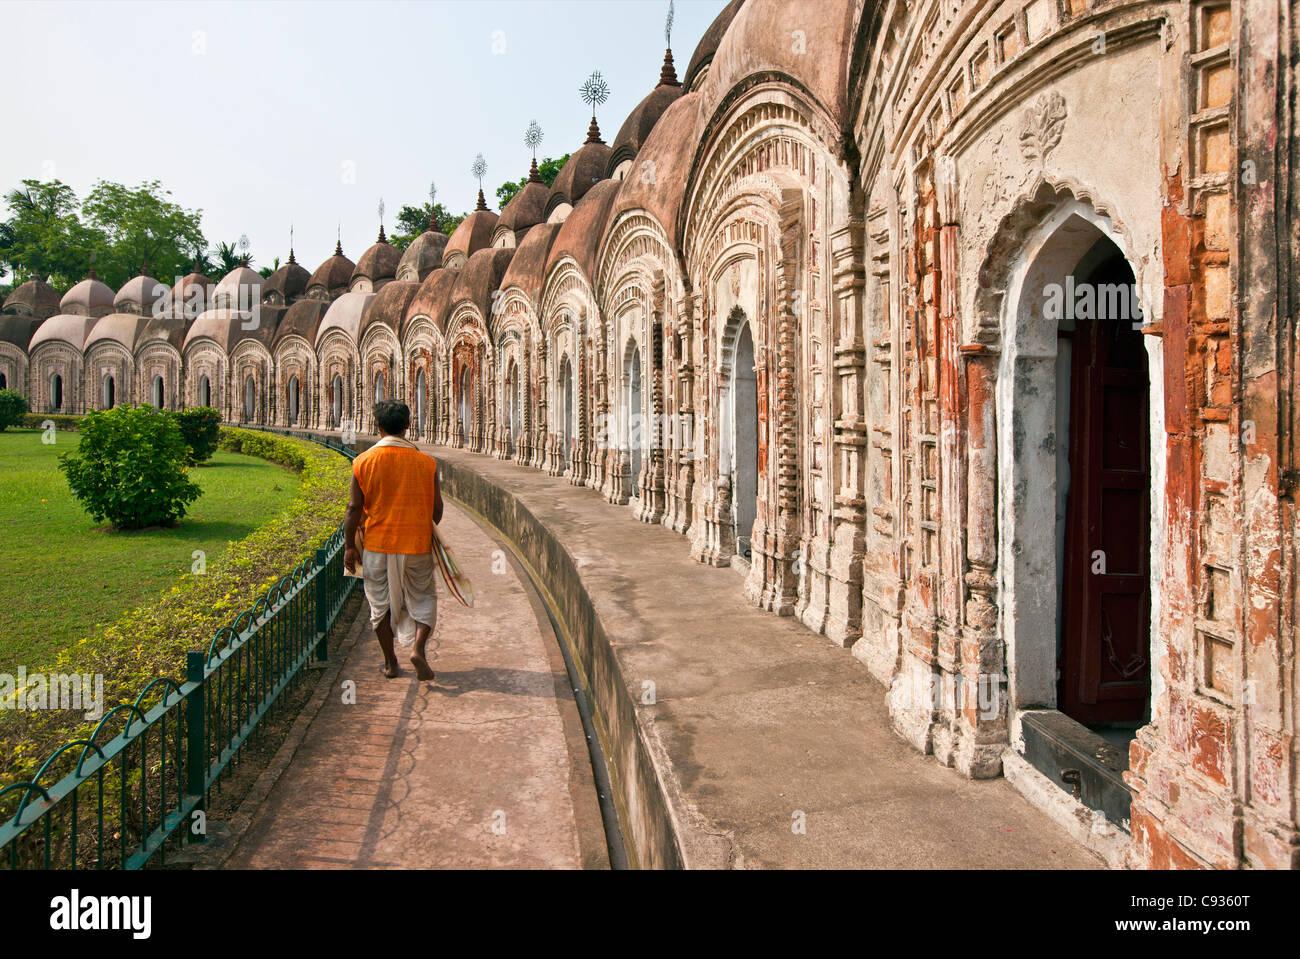 Some of the 108 Shiva brick Temples at Kalna. Built in 1809 by Maharaja Teja Chandra Bahadur.. - Stock Image